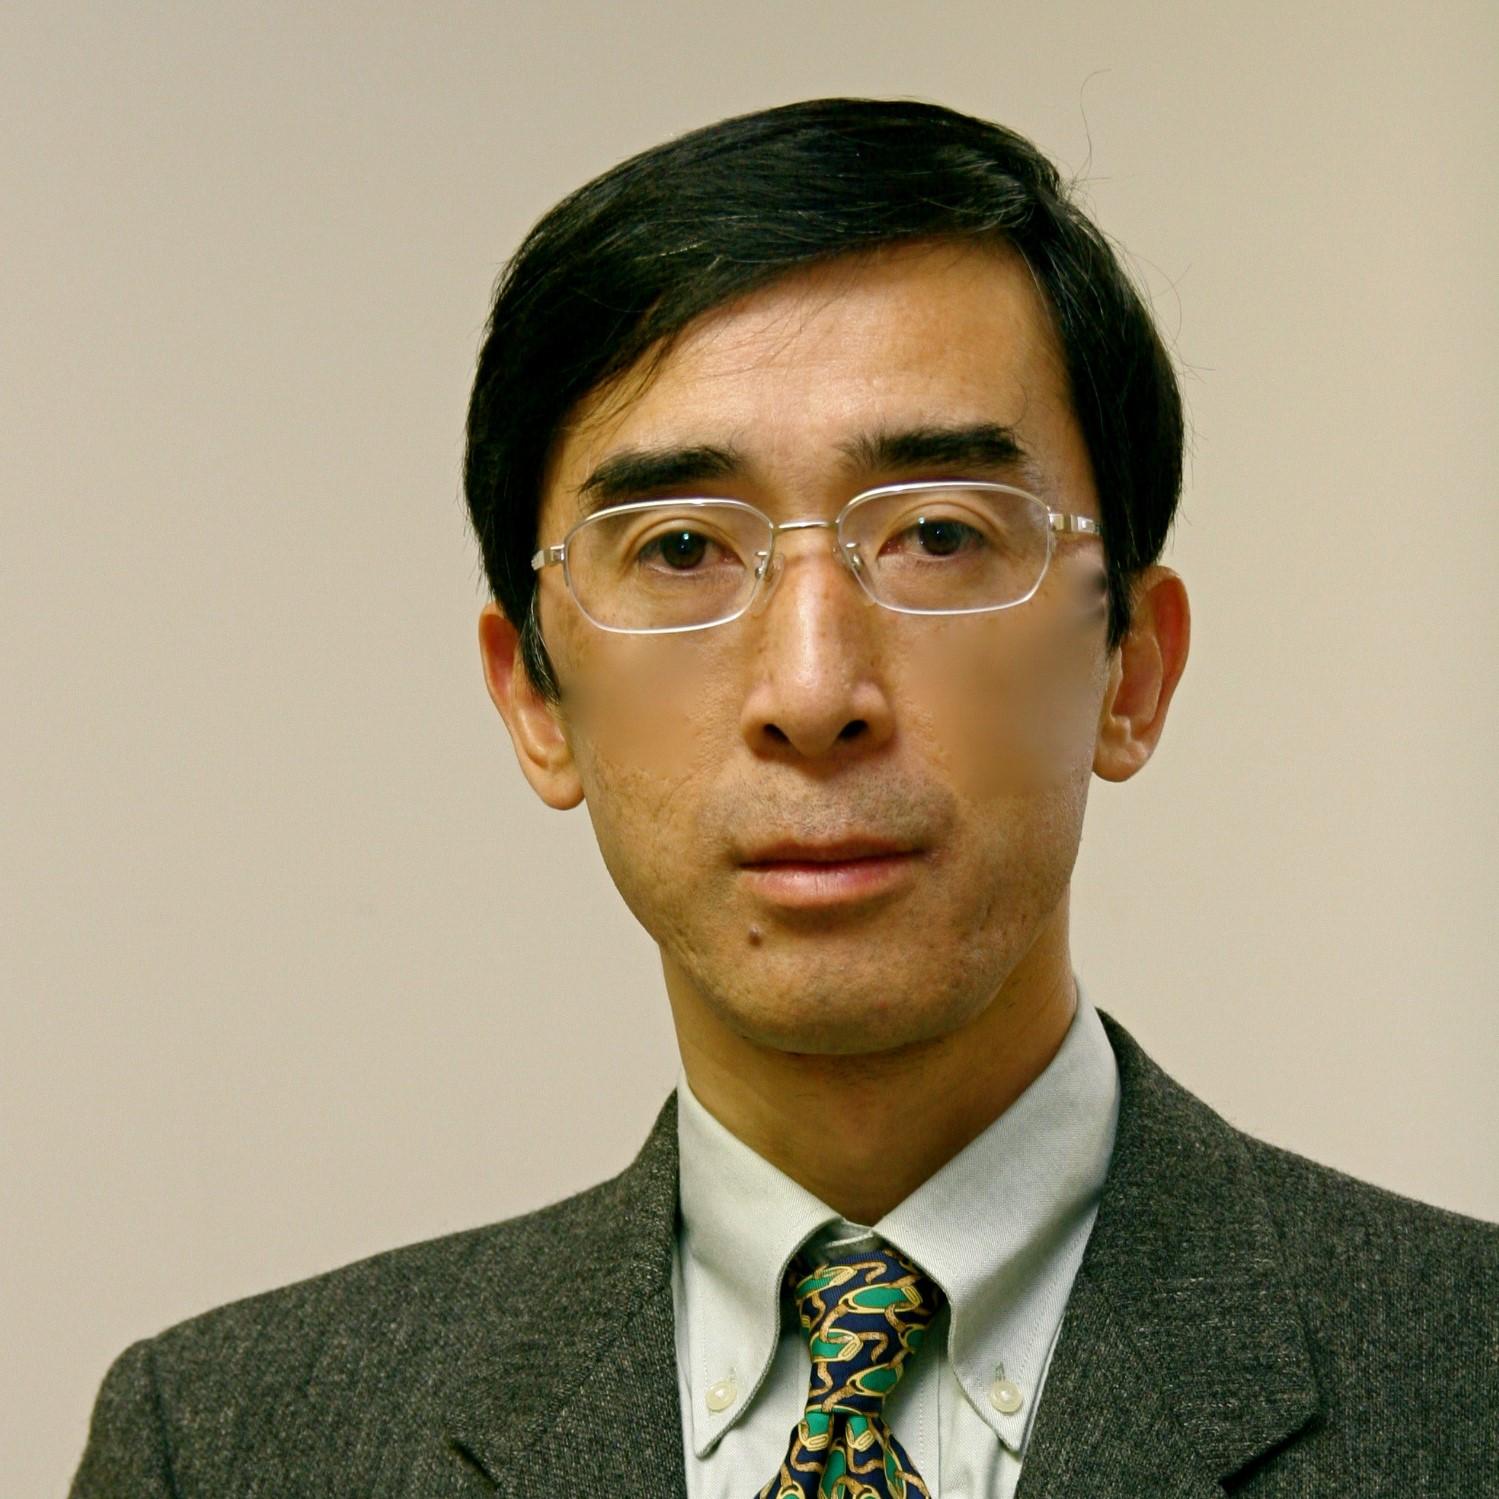 興梠  一郎 氏